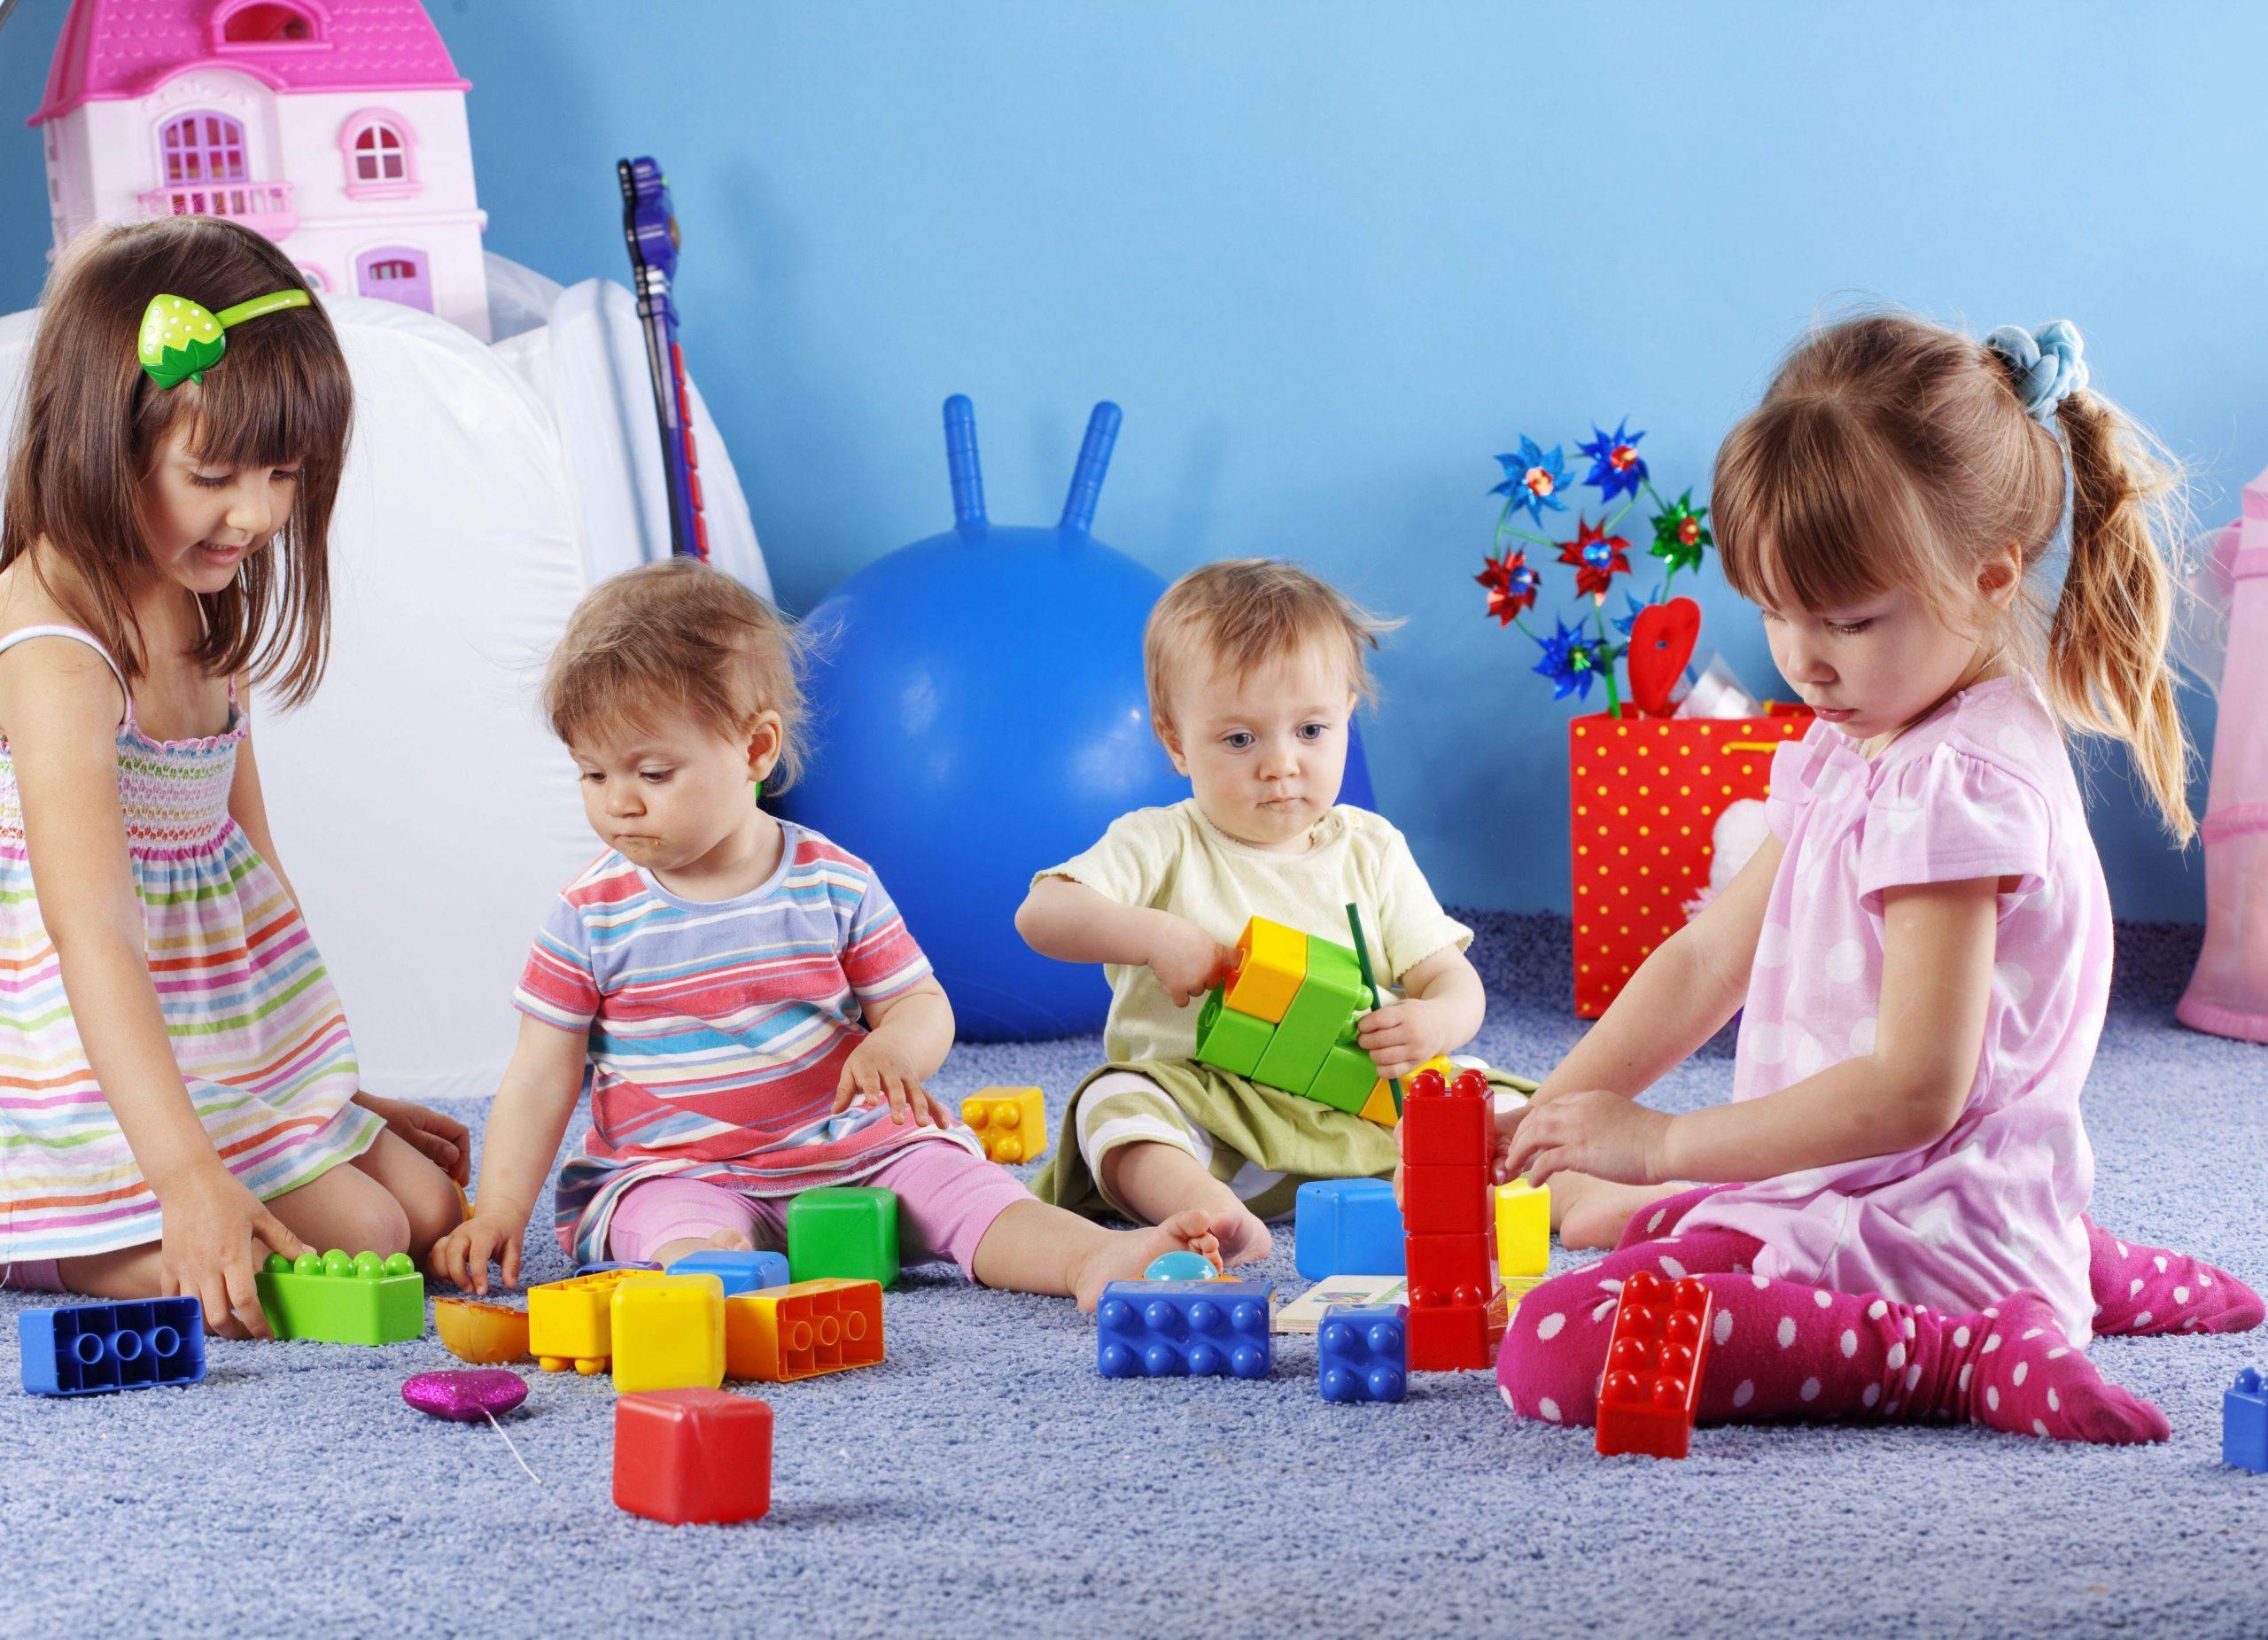 تصویر از بازی فکری مفید و مناسب برای کودکان یک تا ۱۰ سال کدامند؟